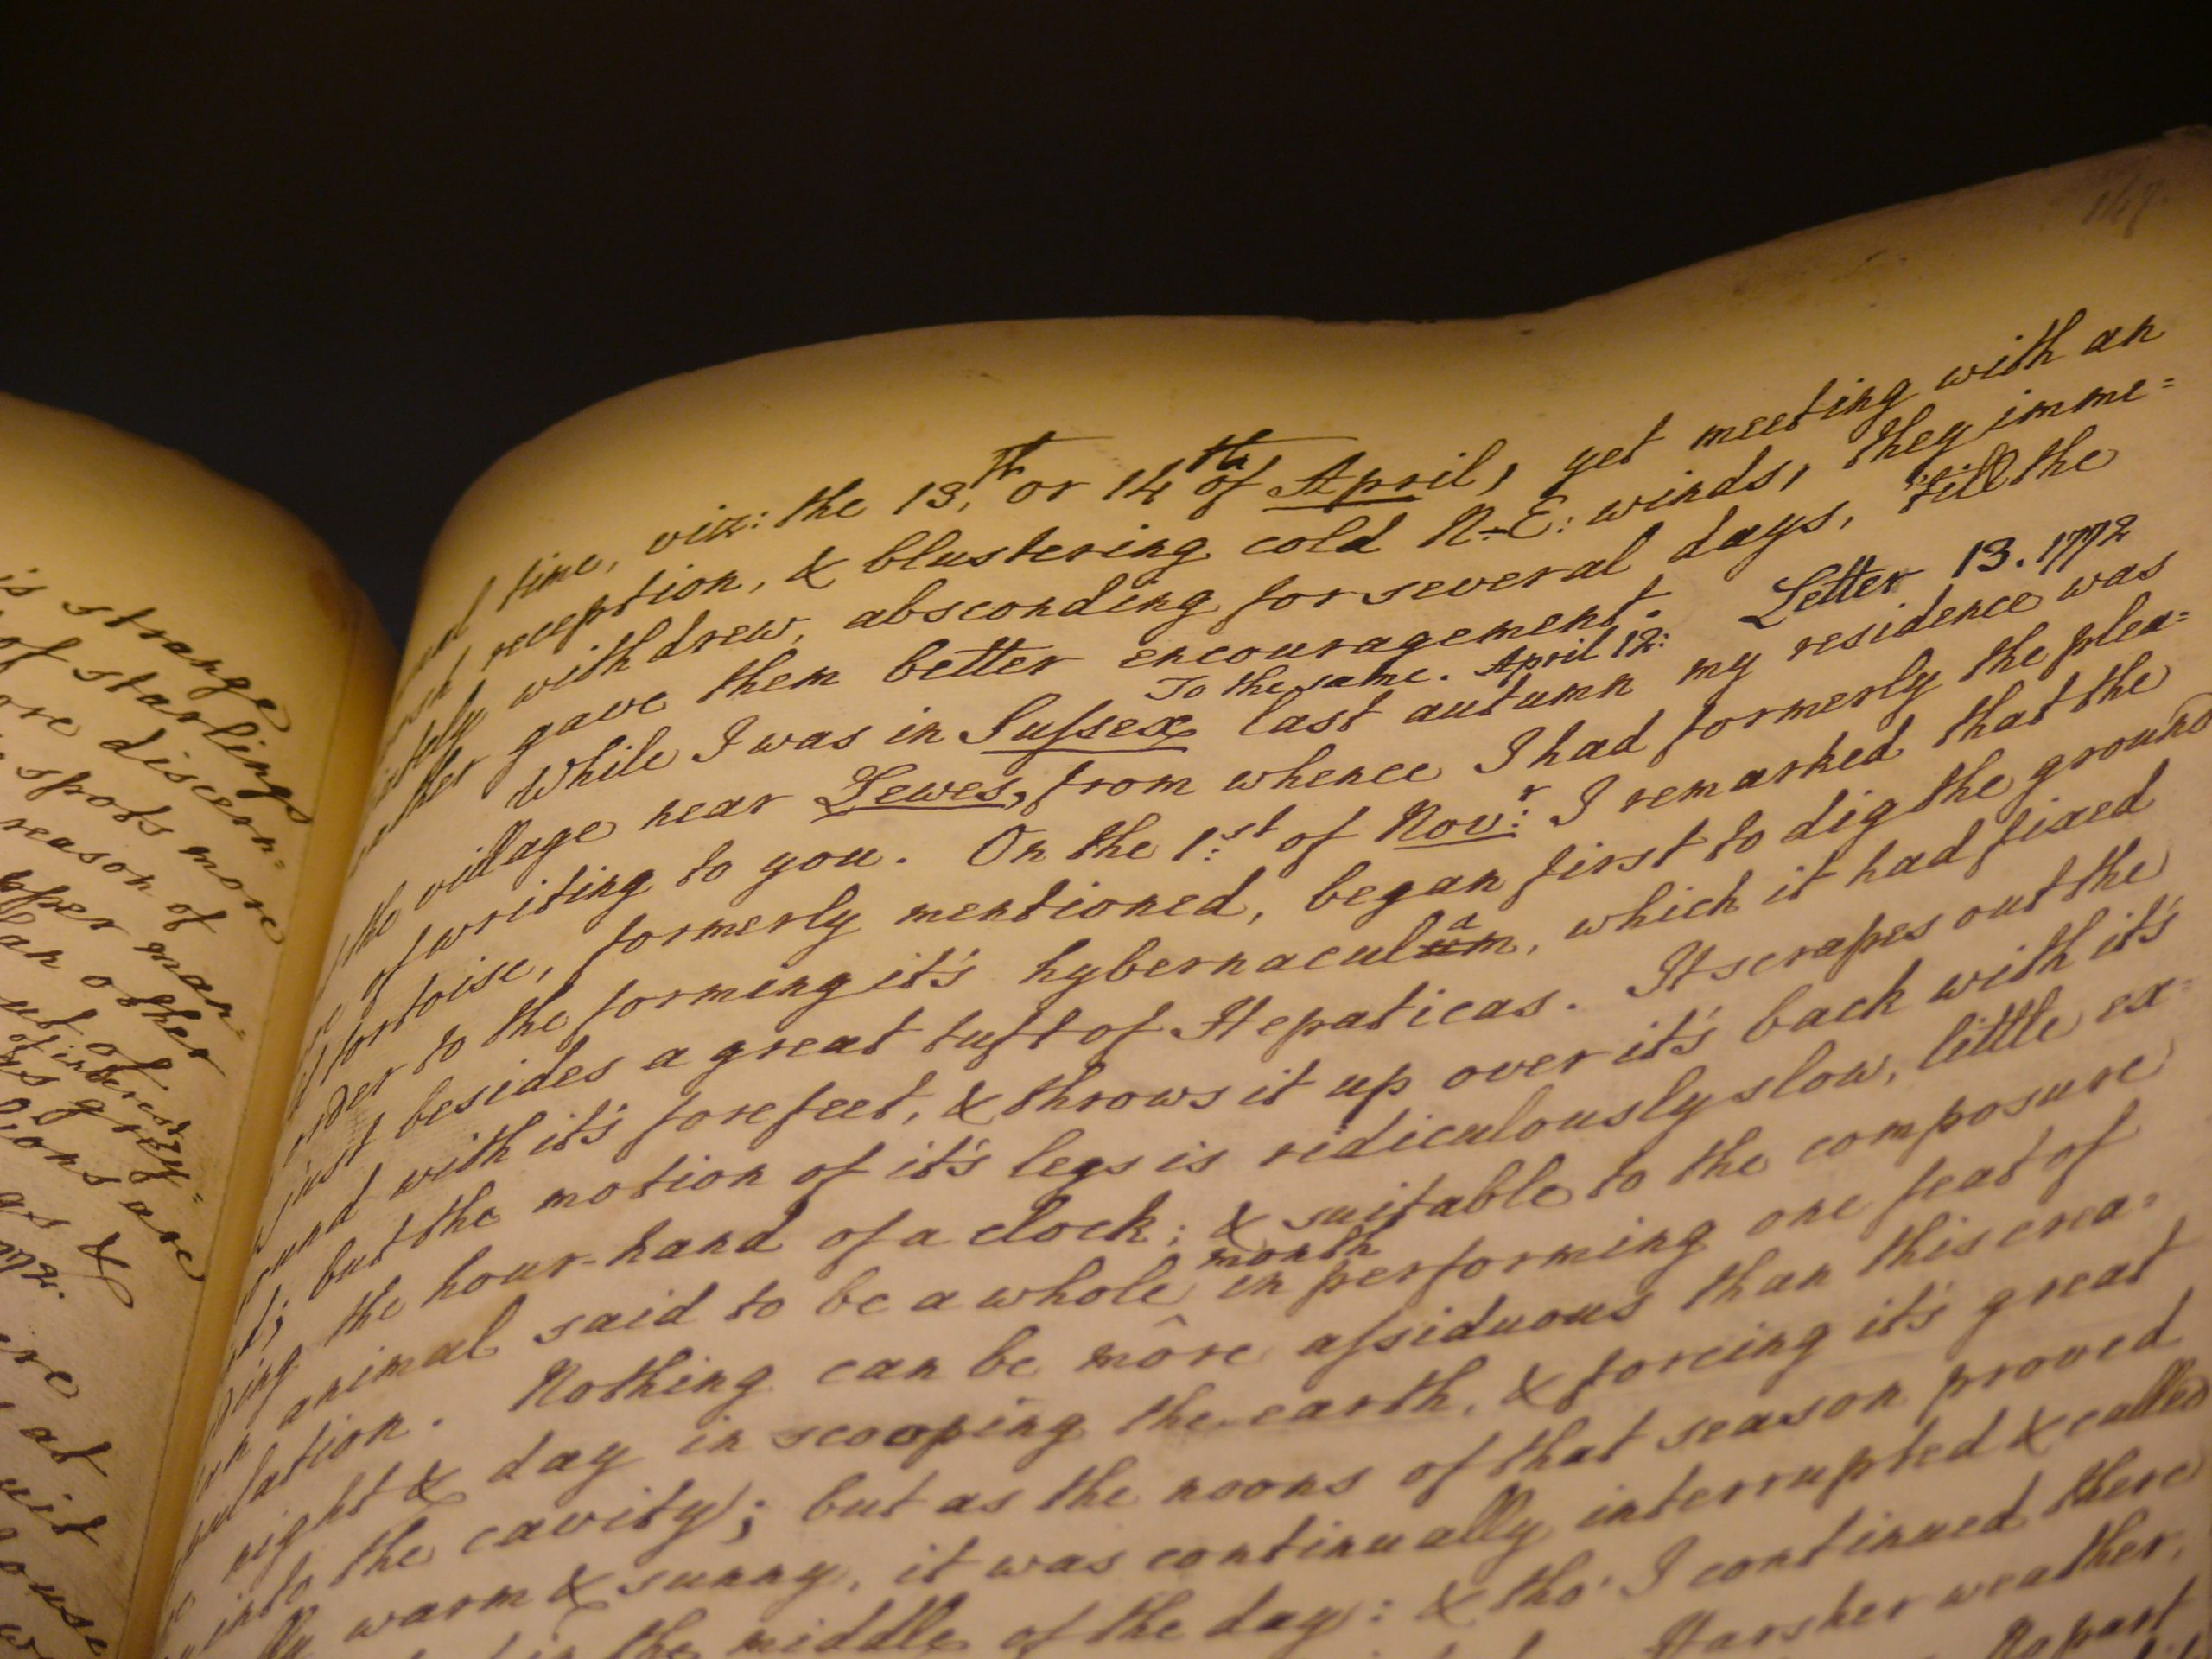 gilbert white manuscript